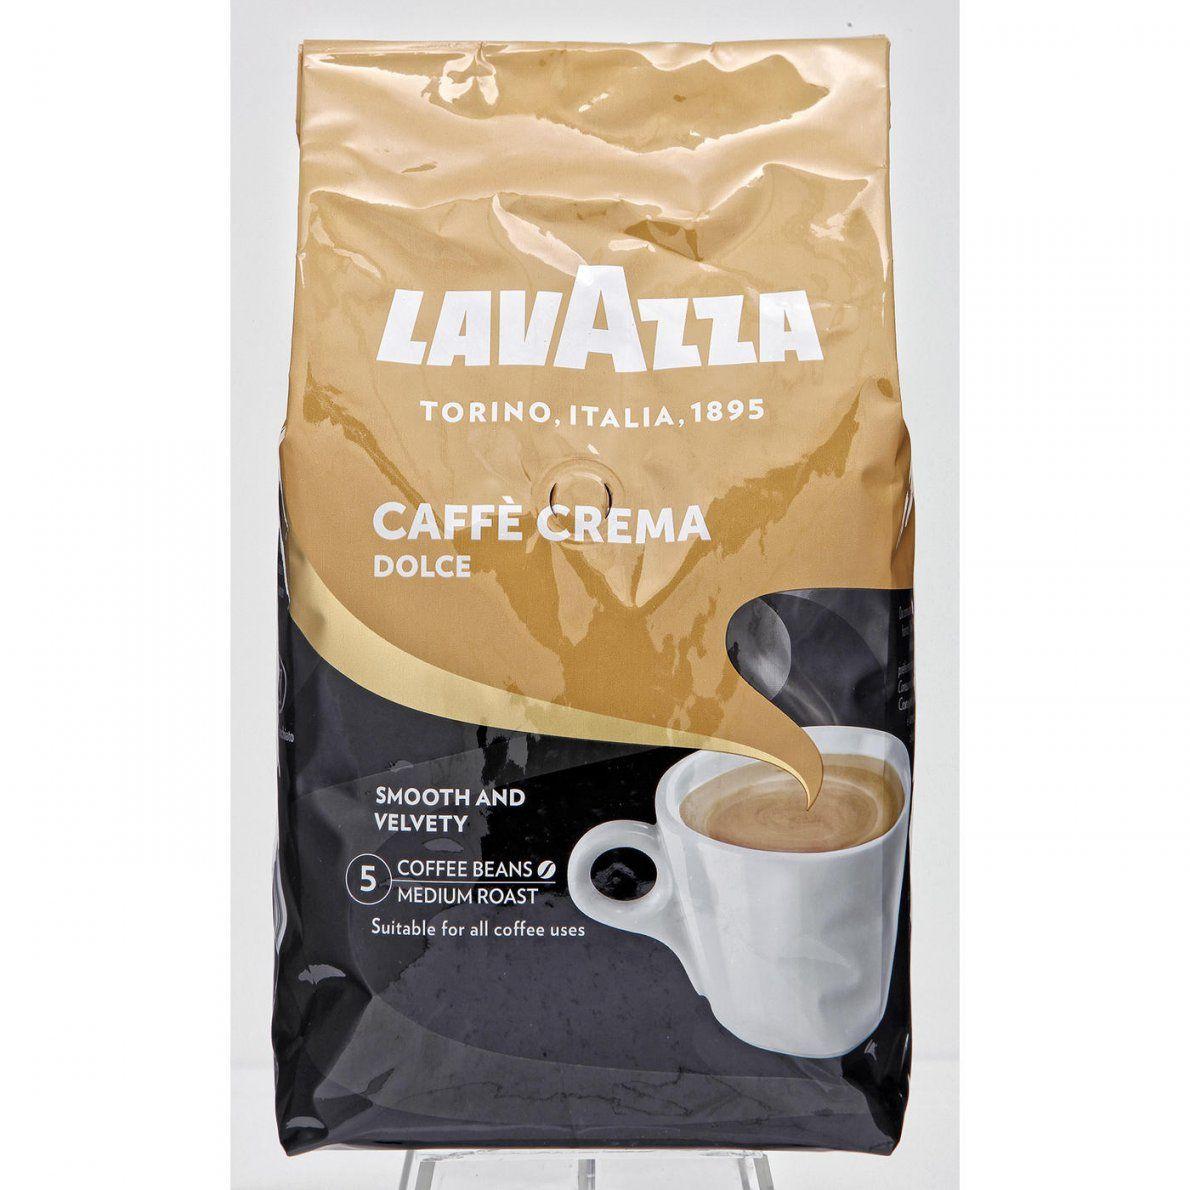 Lavazza Caffè Crema Dolce Online Günstig Kaufen  Rossmann von Lavazza Crema Classico Angebot Photo